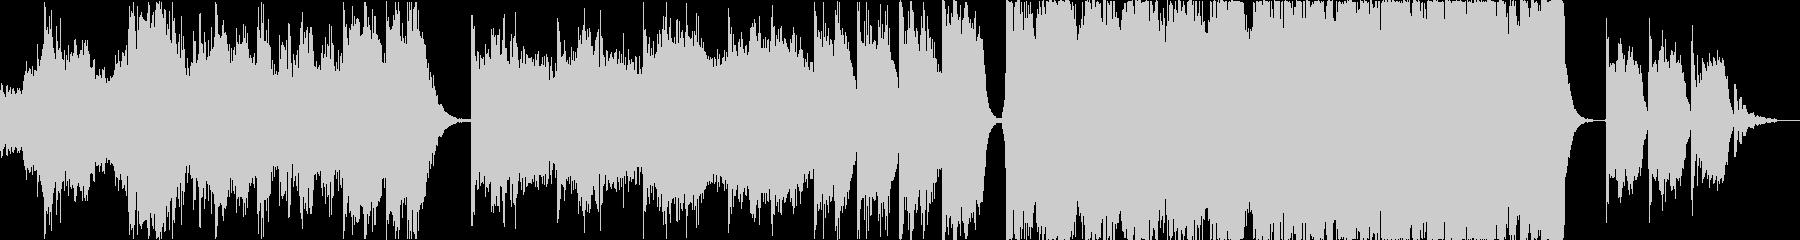 電気音響シンフォニー ポジティブ ...の未再生の波形